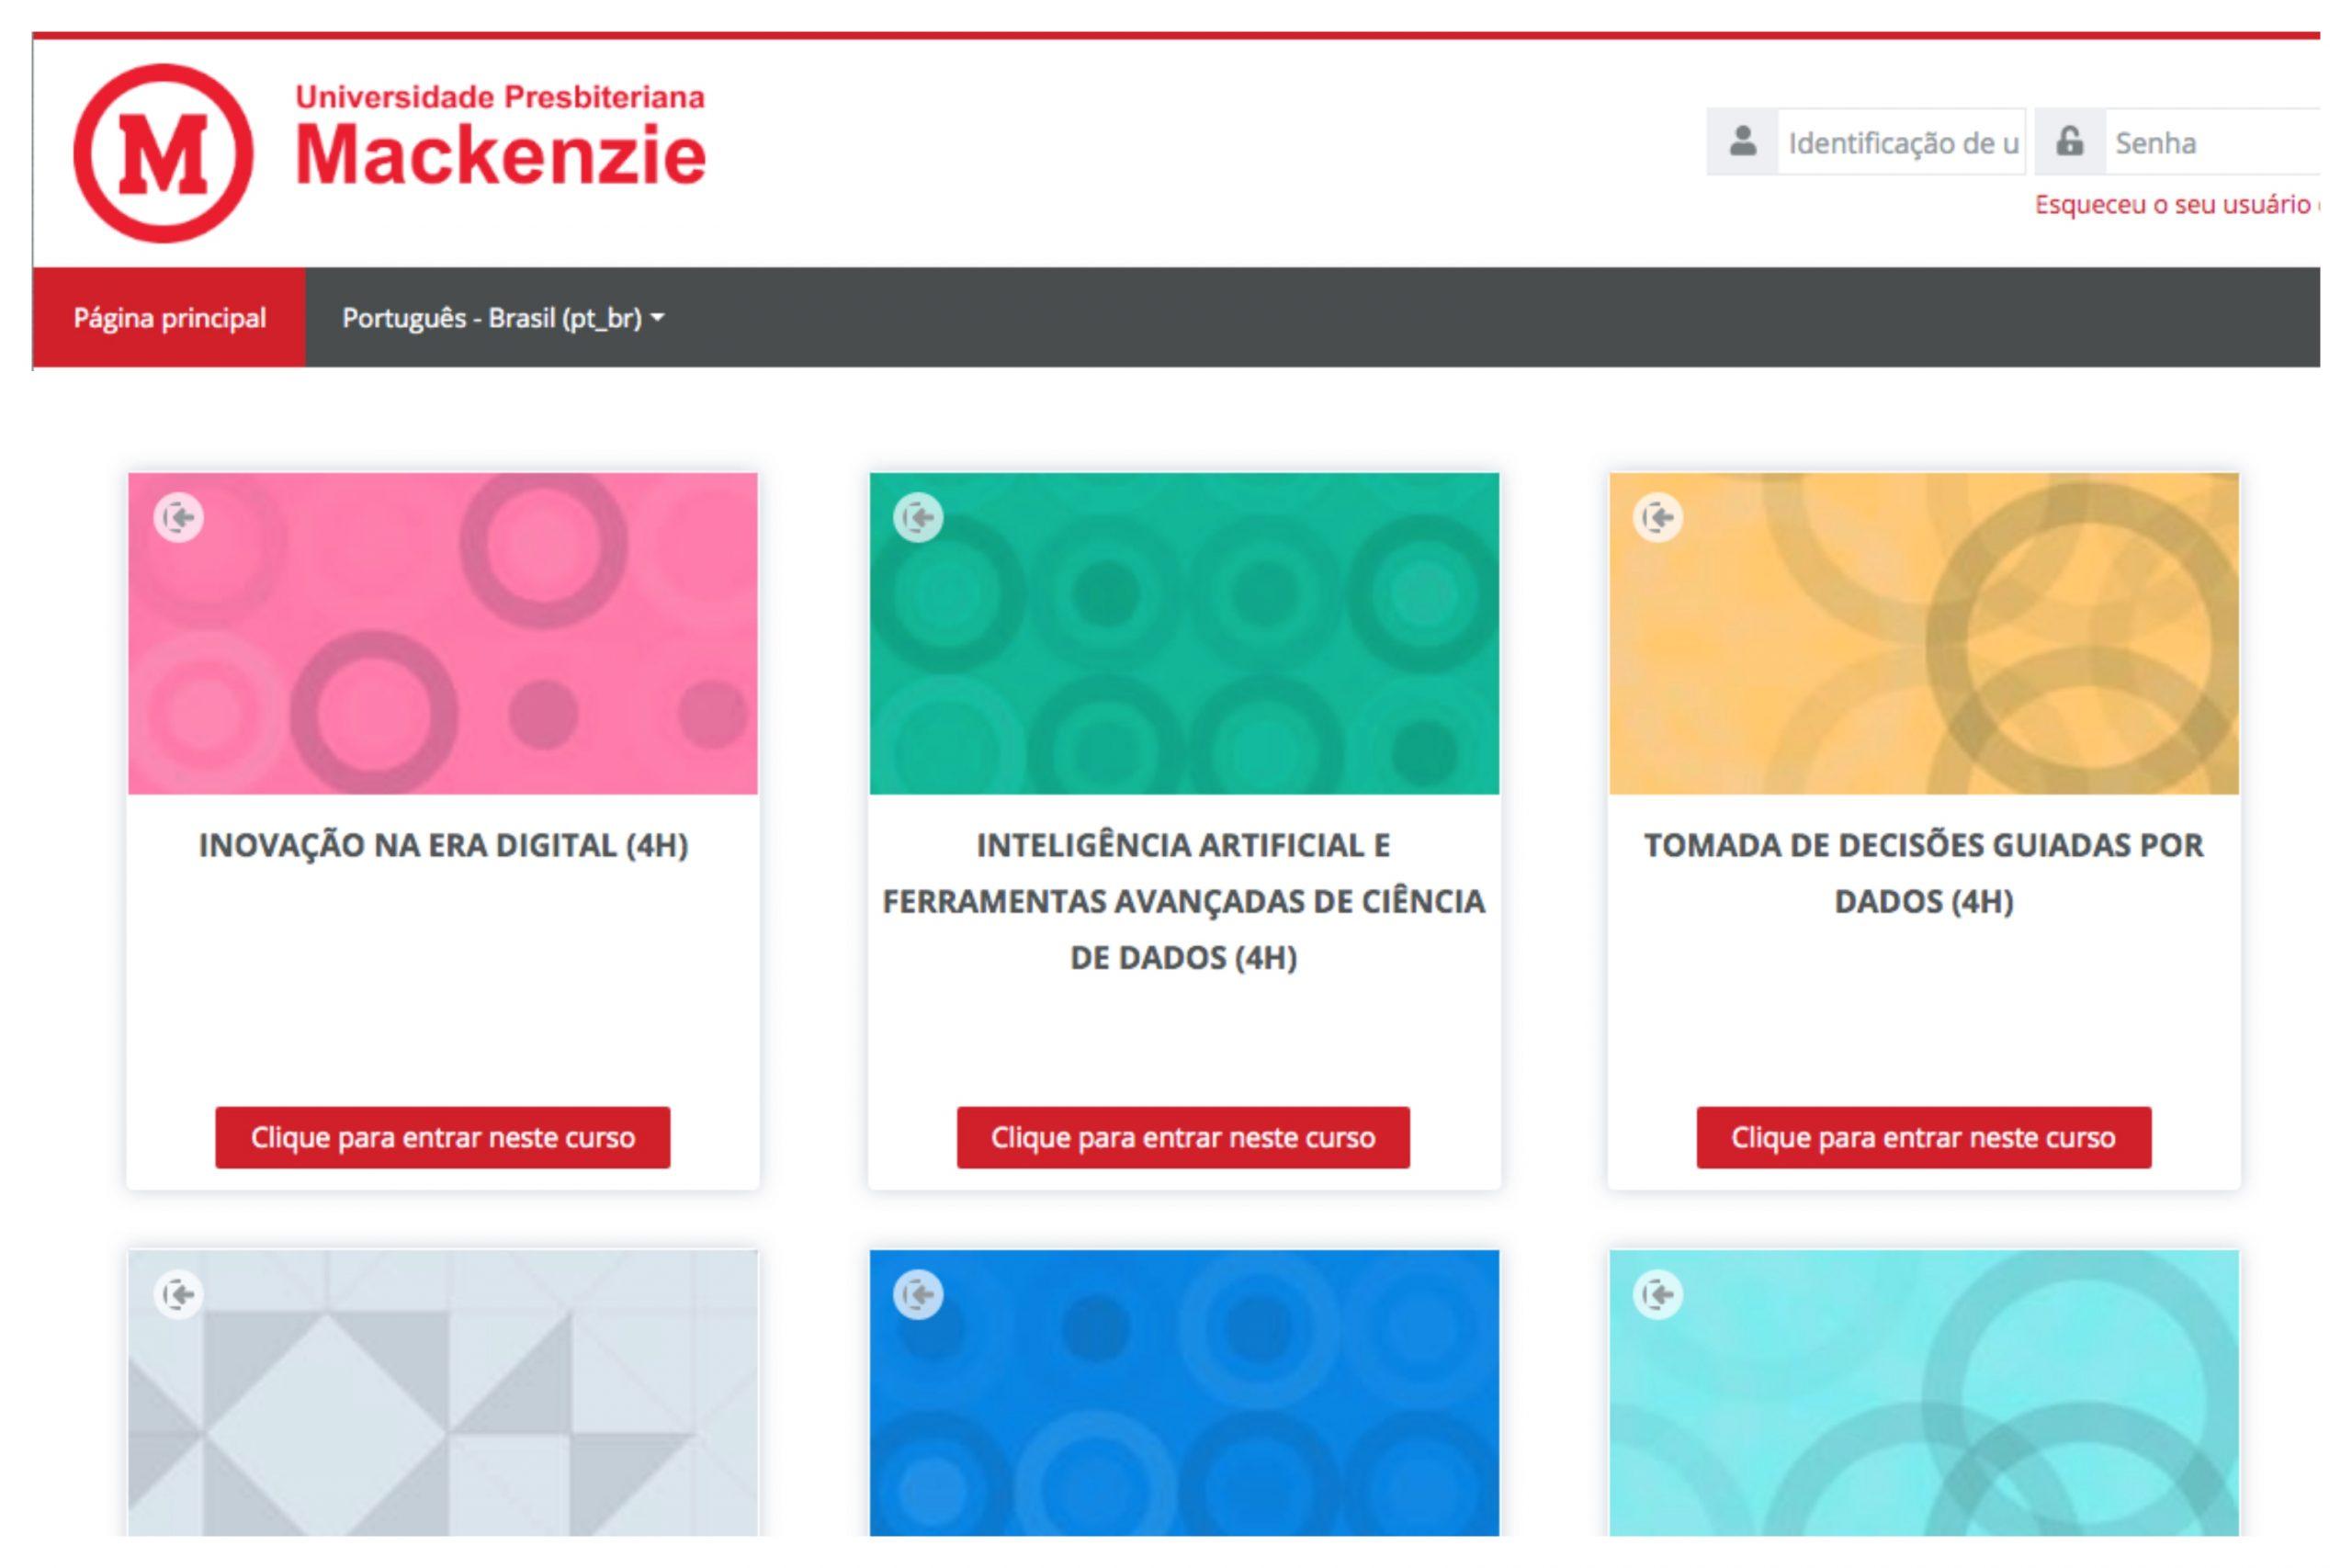 Mackenzie oferece cursos online gratuitos na área da tecnologia